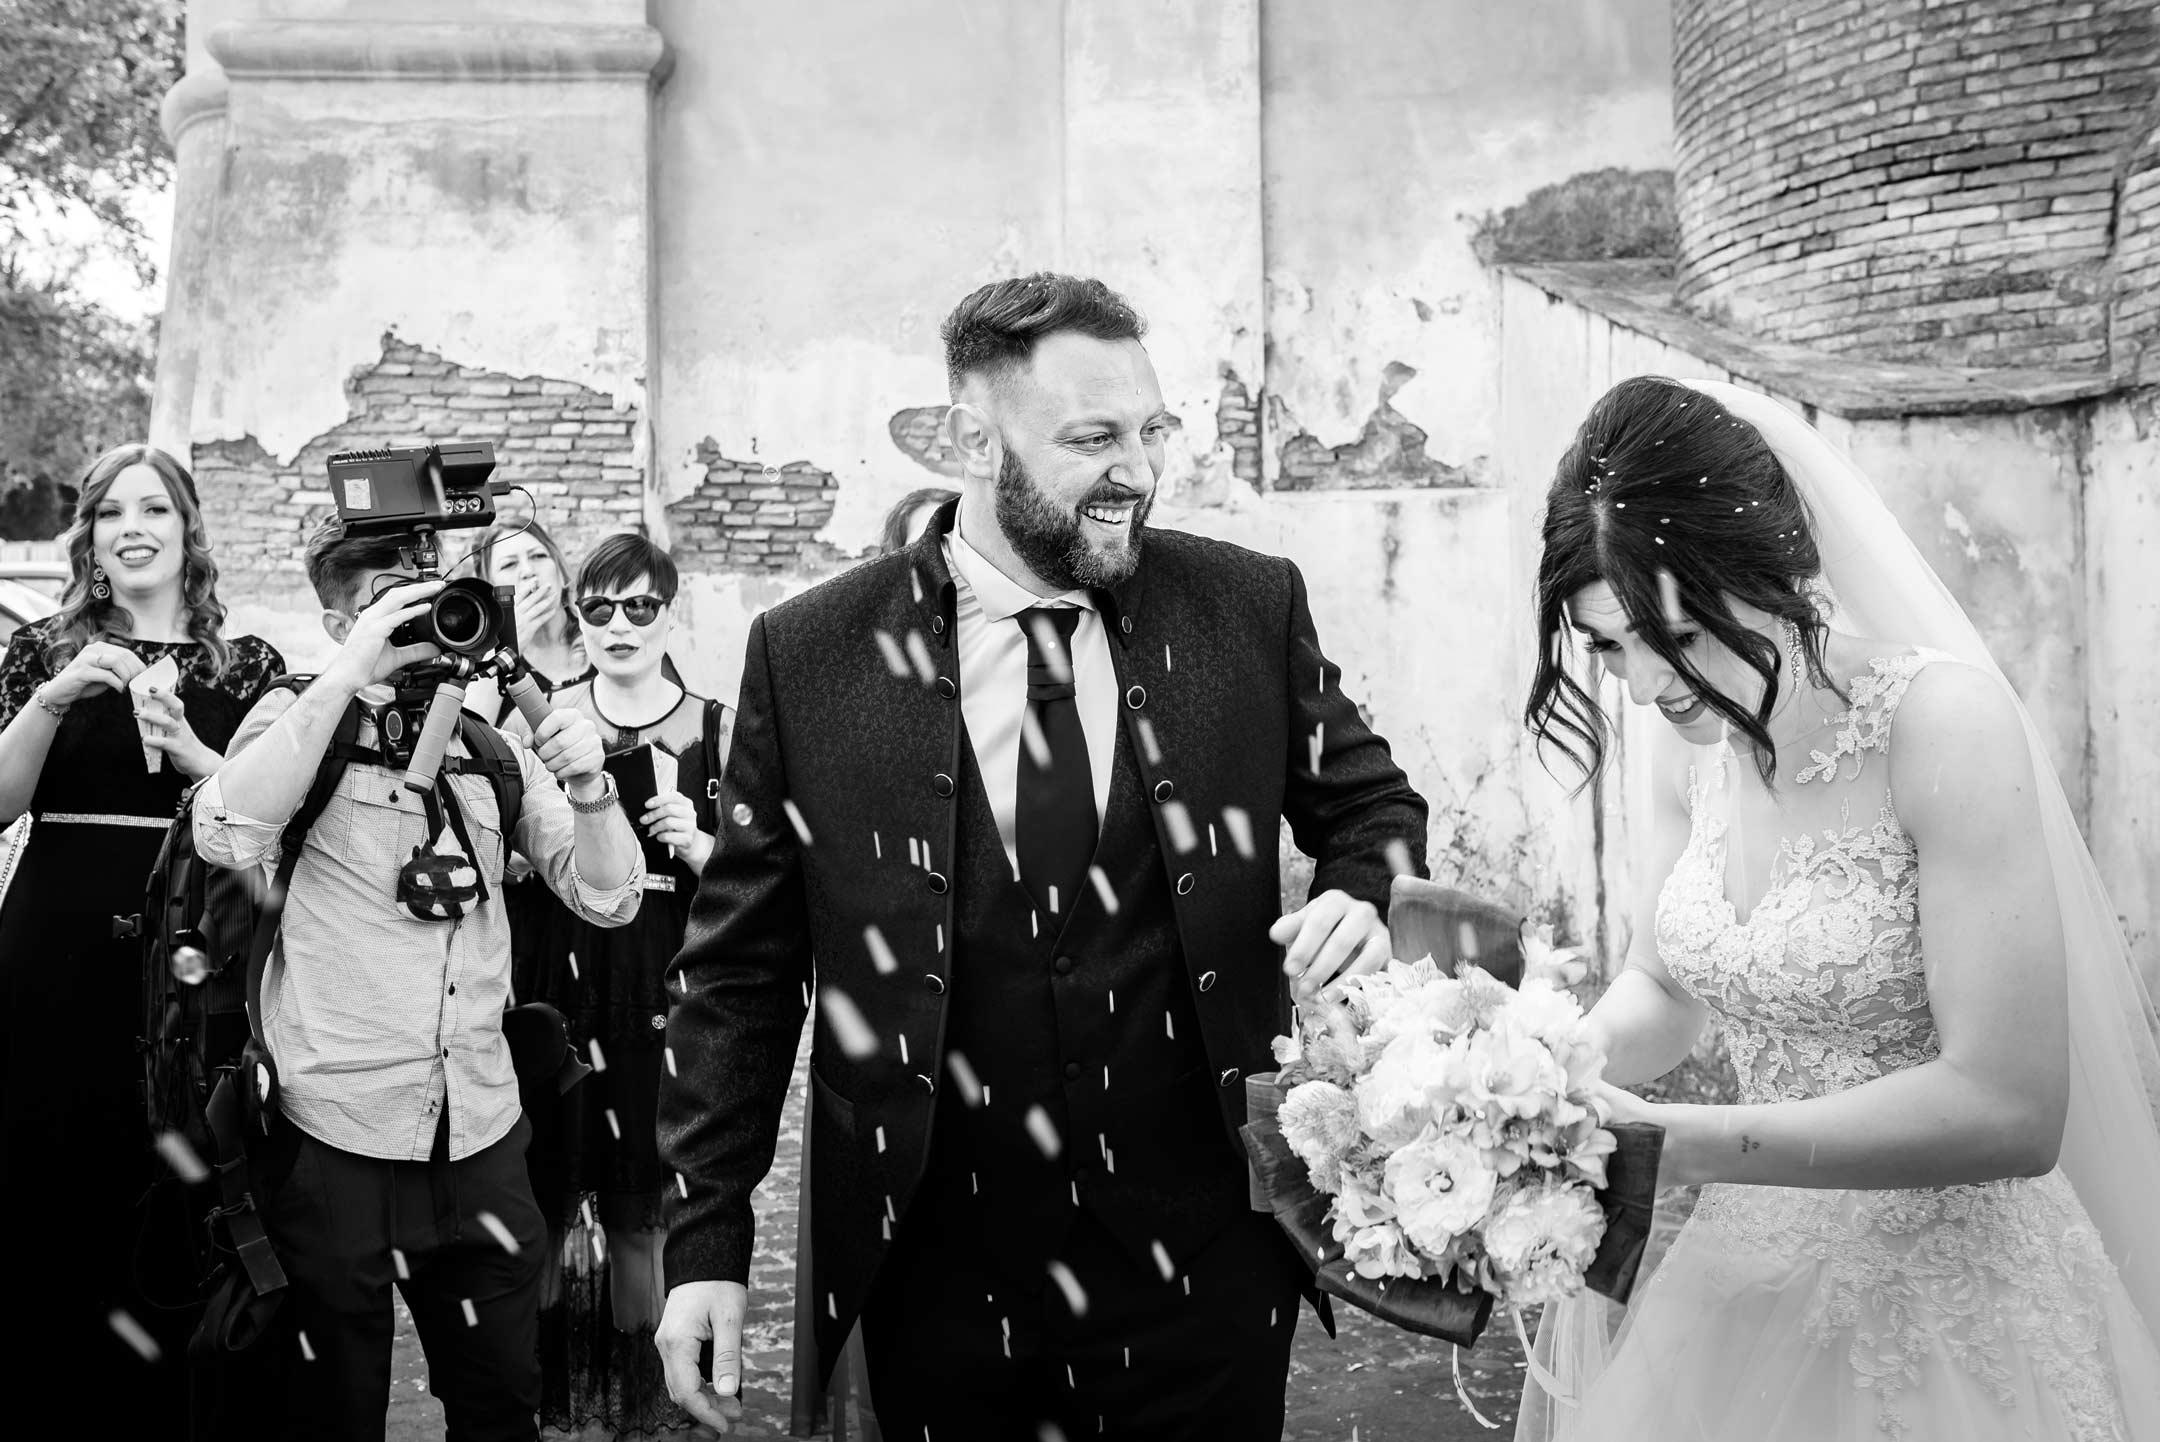 Fotografo-Sposi-Fotografi-Matrimonio-A&D